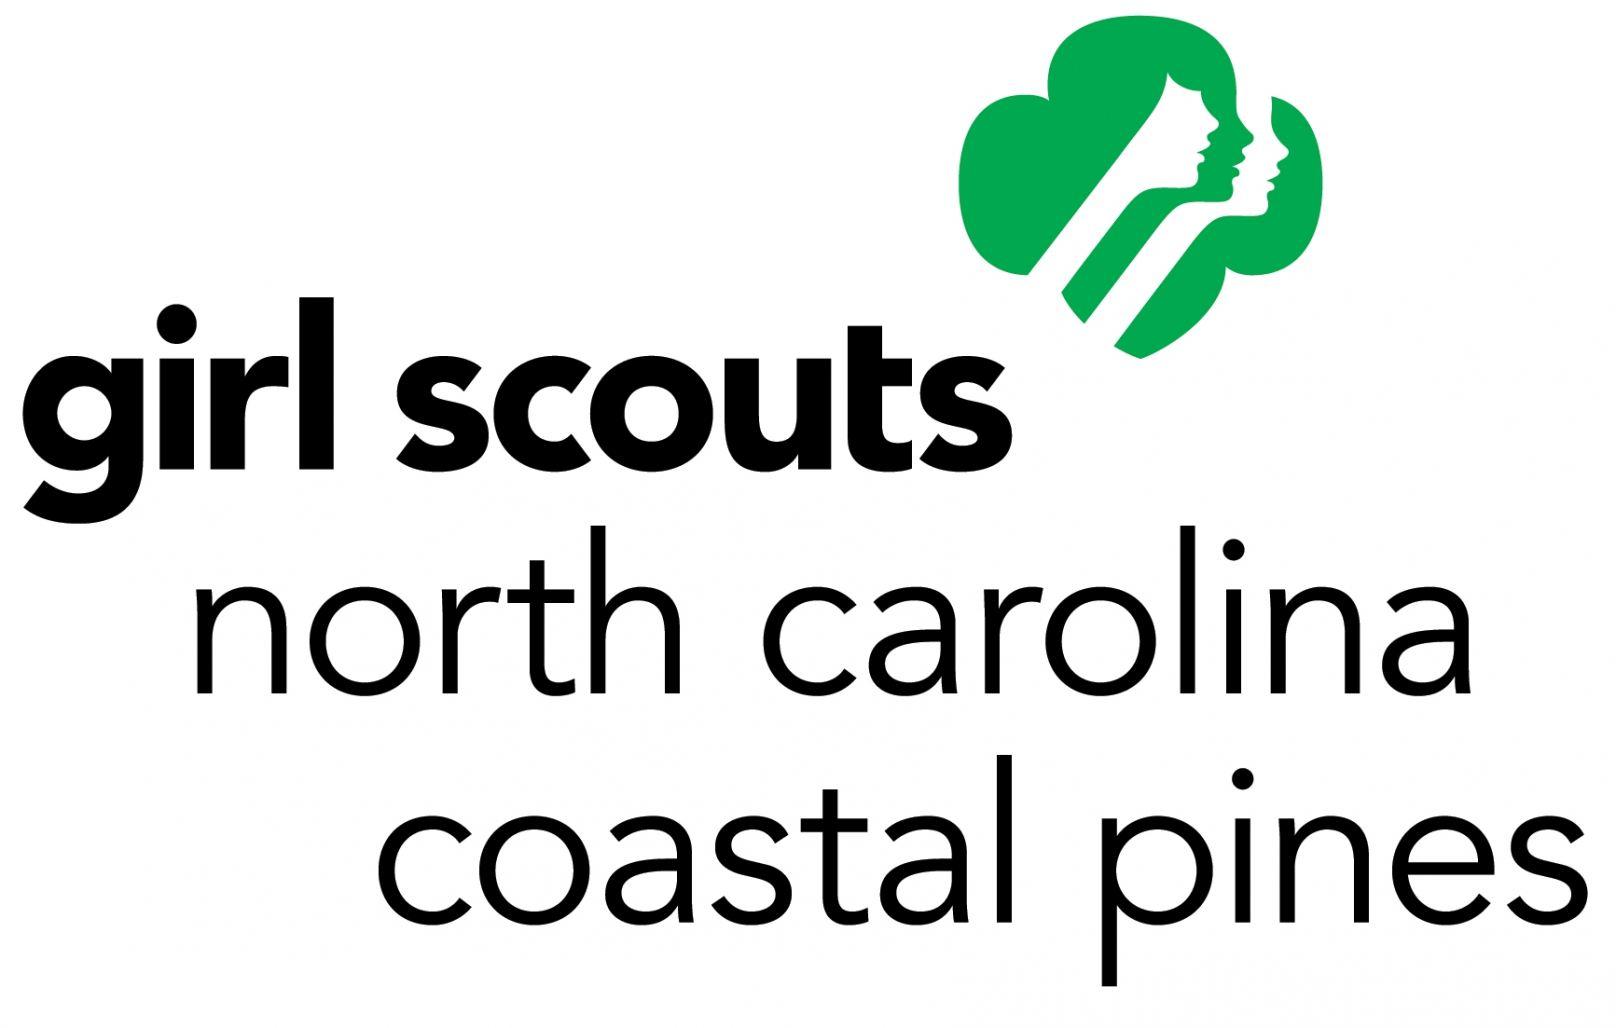 Girl Scouts - North Carolina Coastal Pines